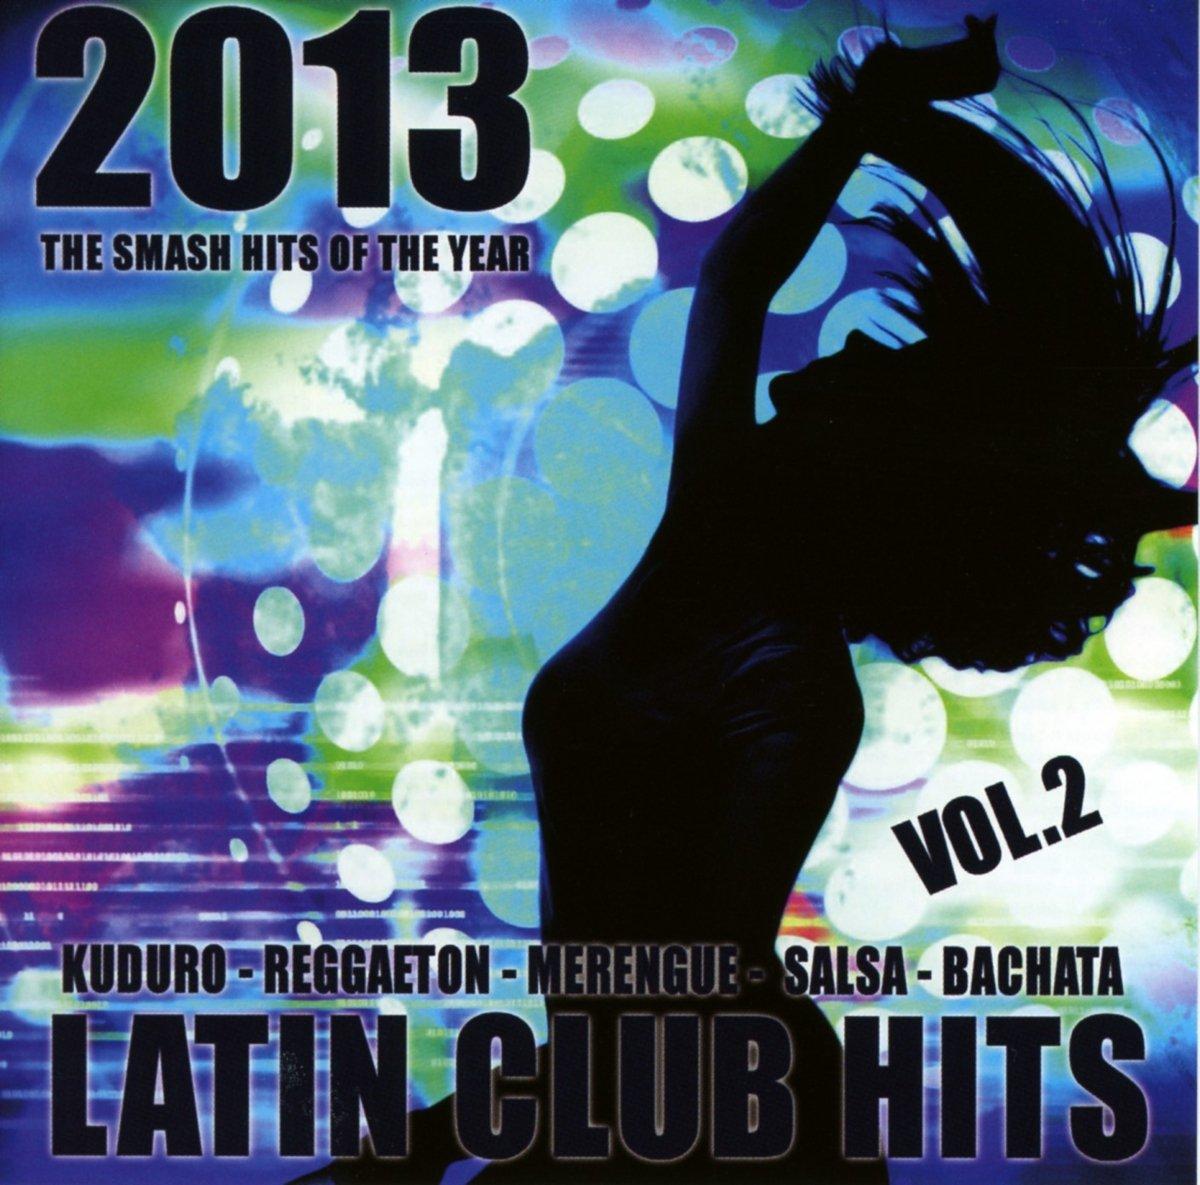 Latin Club Hits 2013 Vol.2